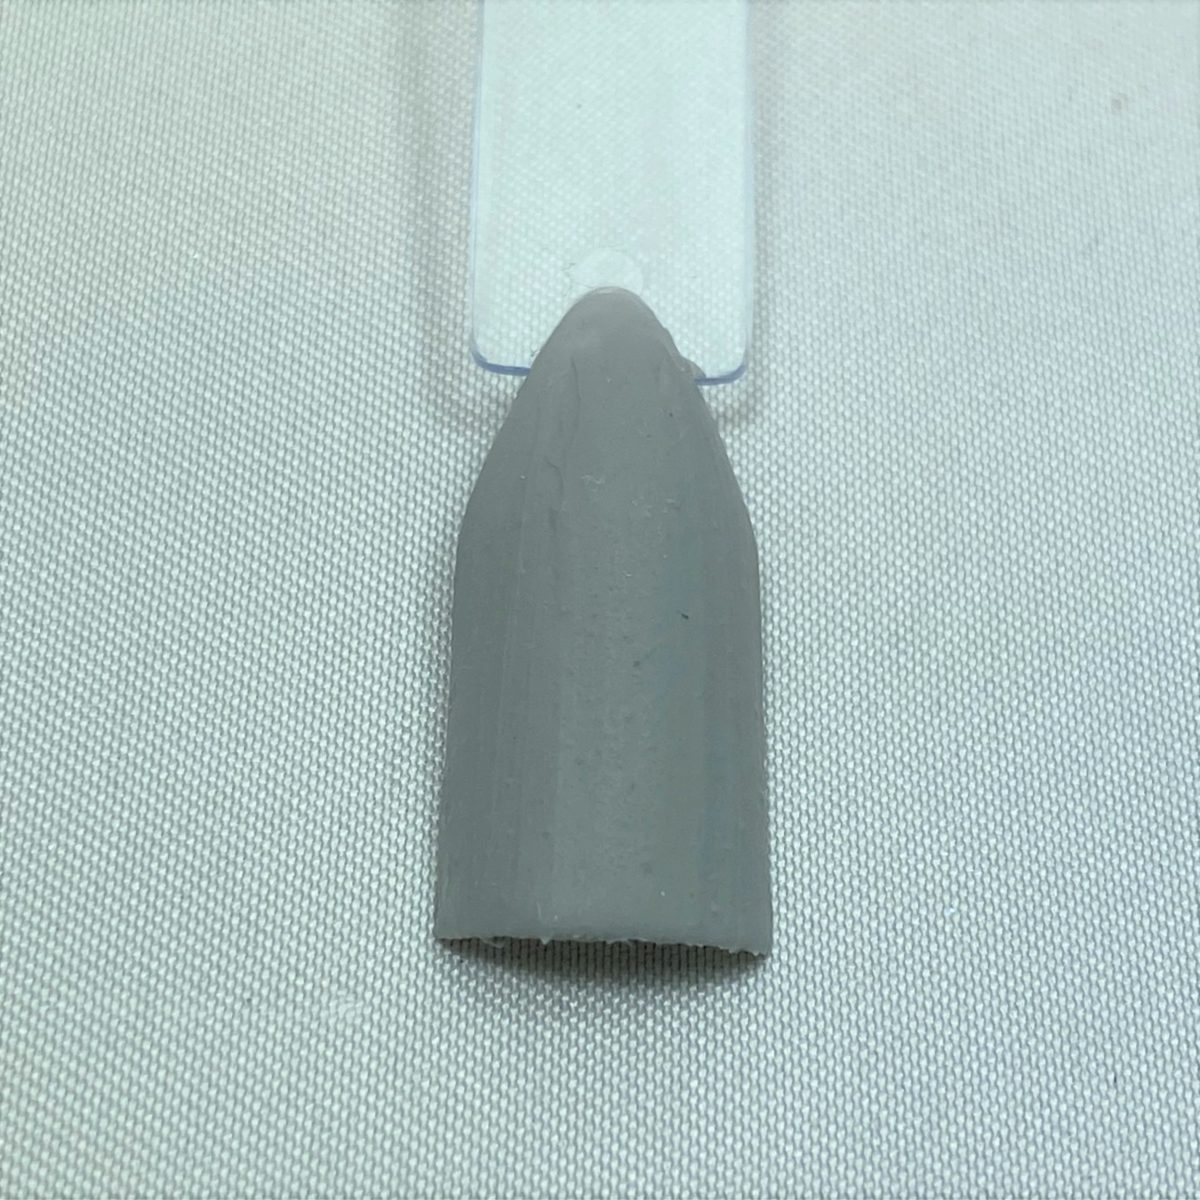 Melty Gel (メルティジェル) 3Dアートジェル Gray